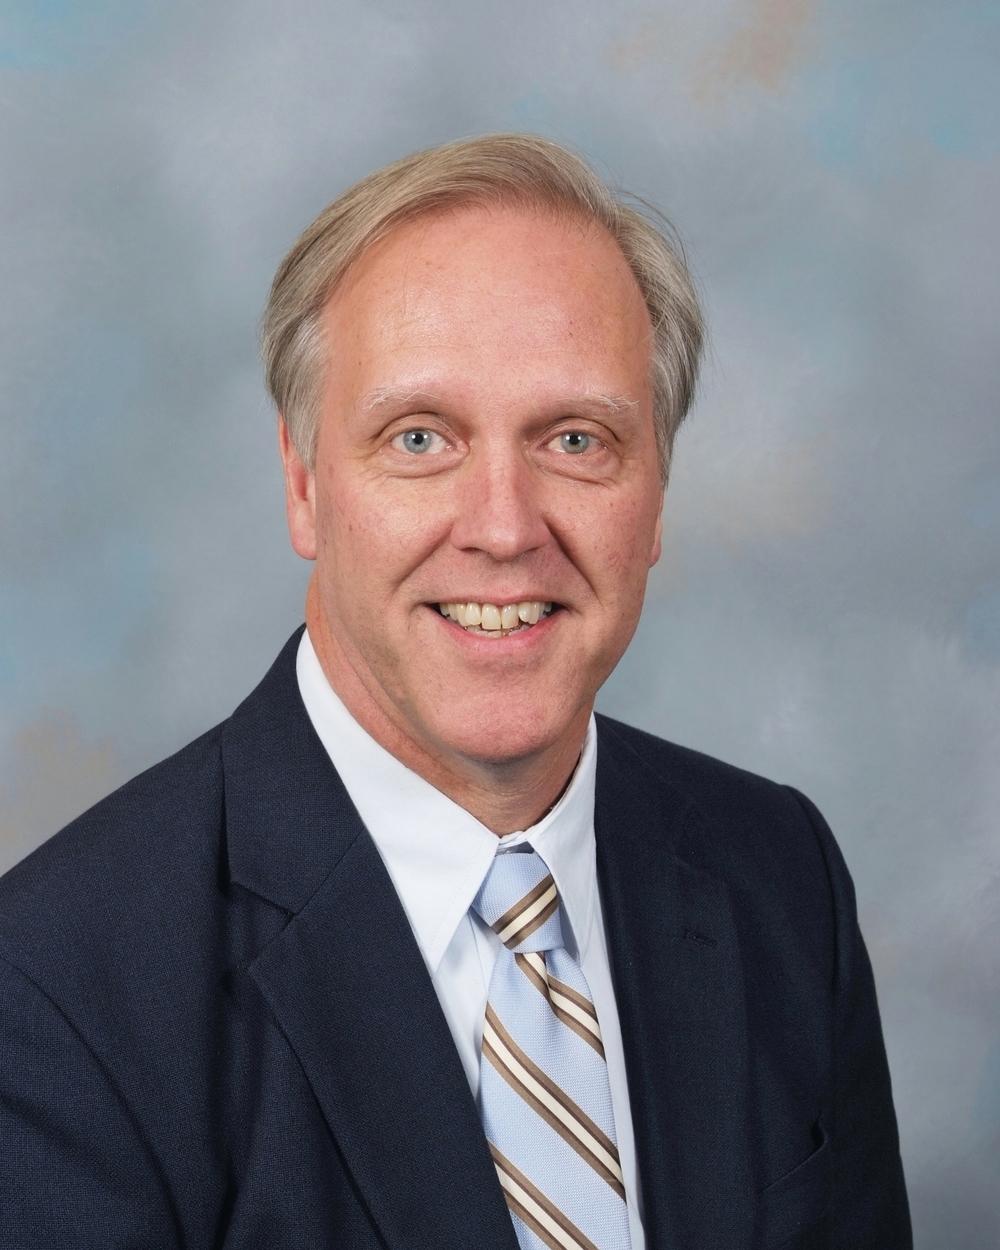 Jay Dunlap, President